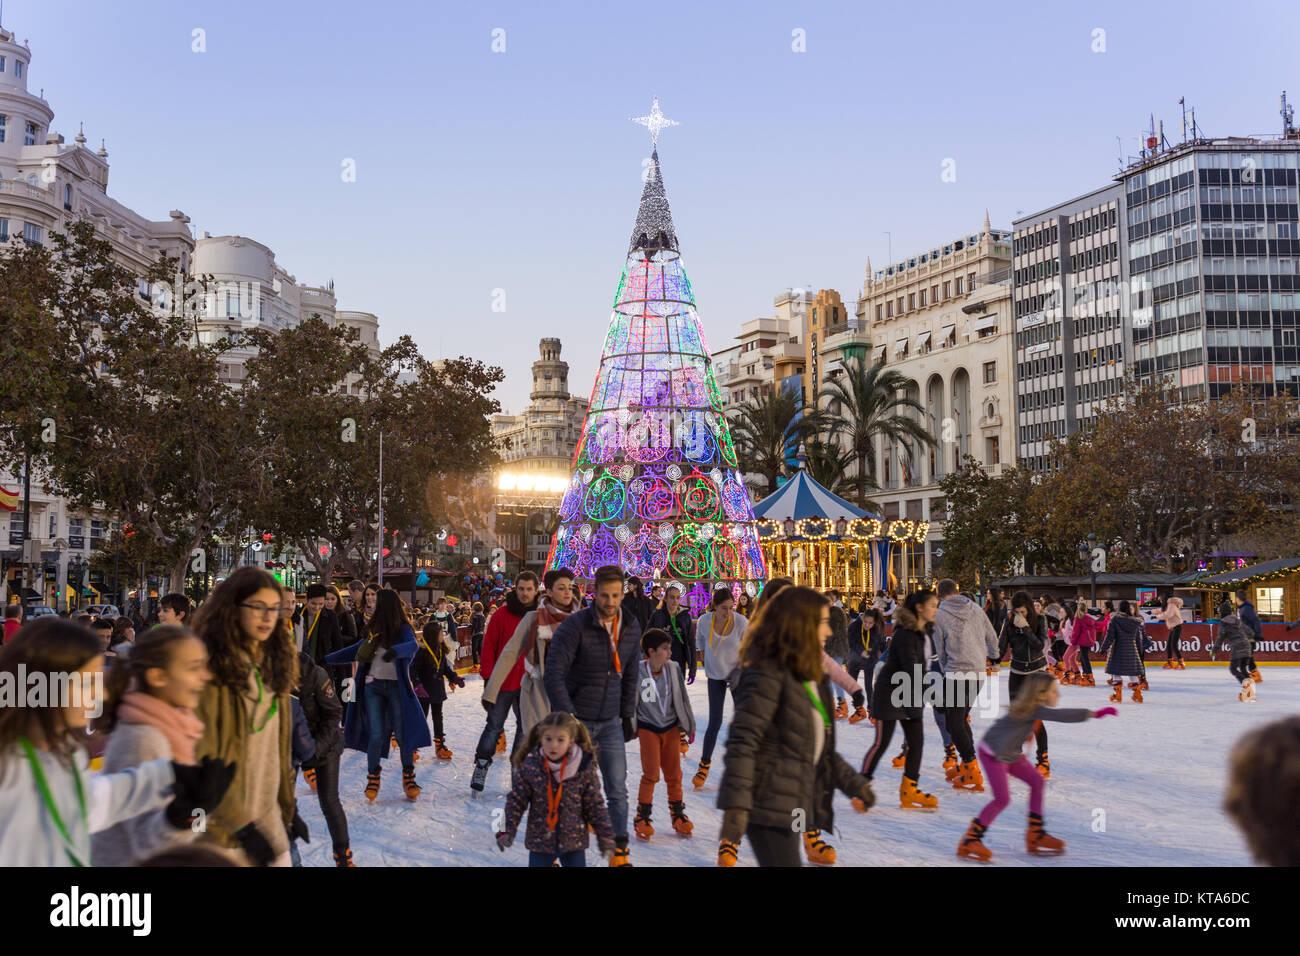 Valencia, Spanien - Dec 16, 2017: Leute Eislaufen auf Weihnachten ...